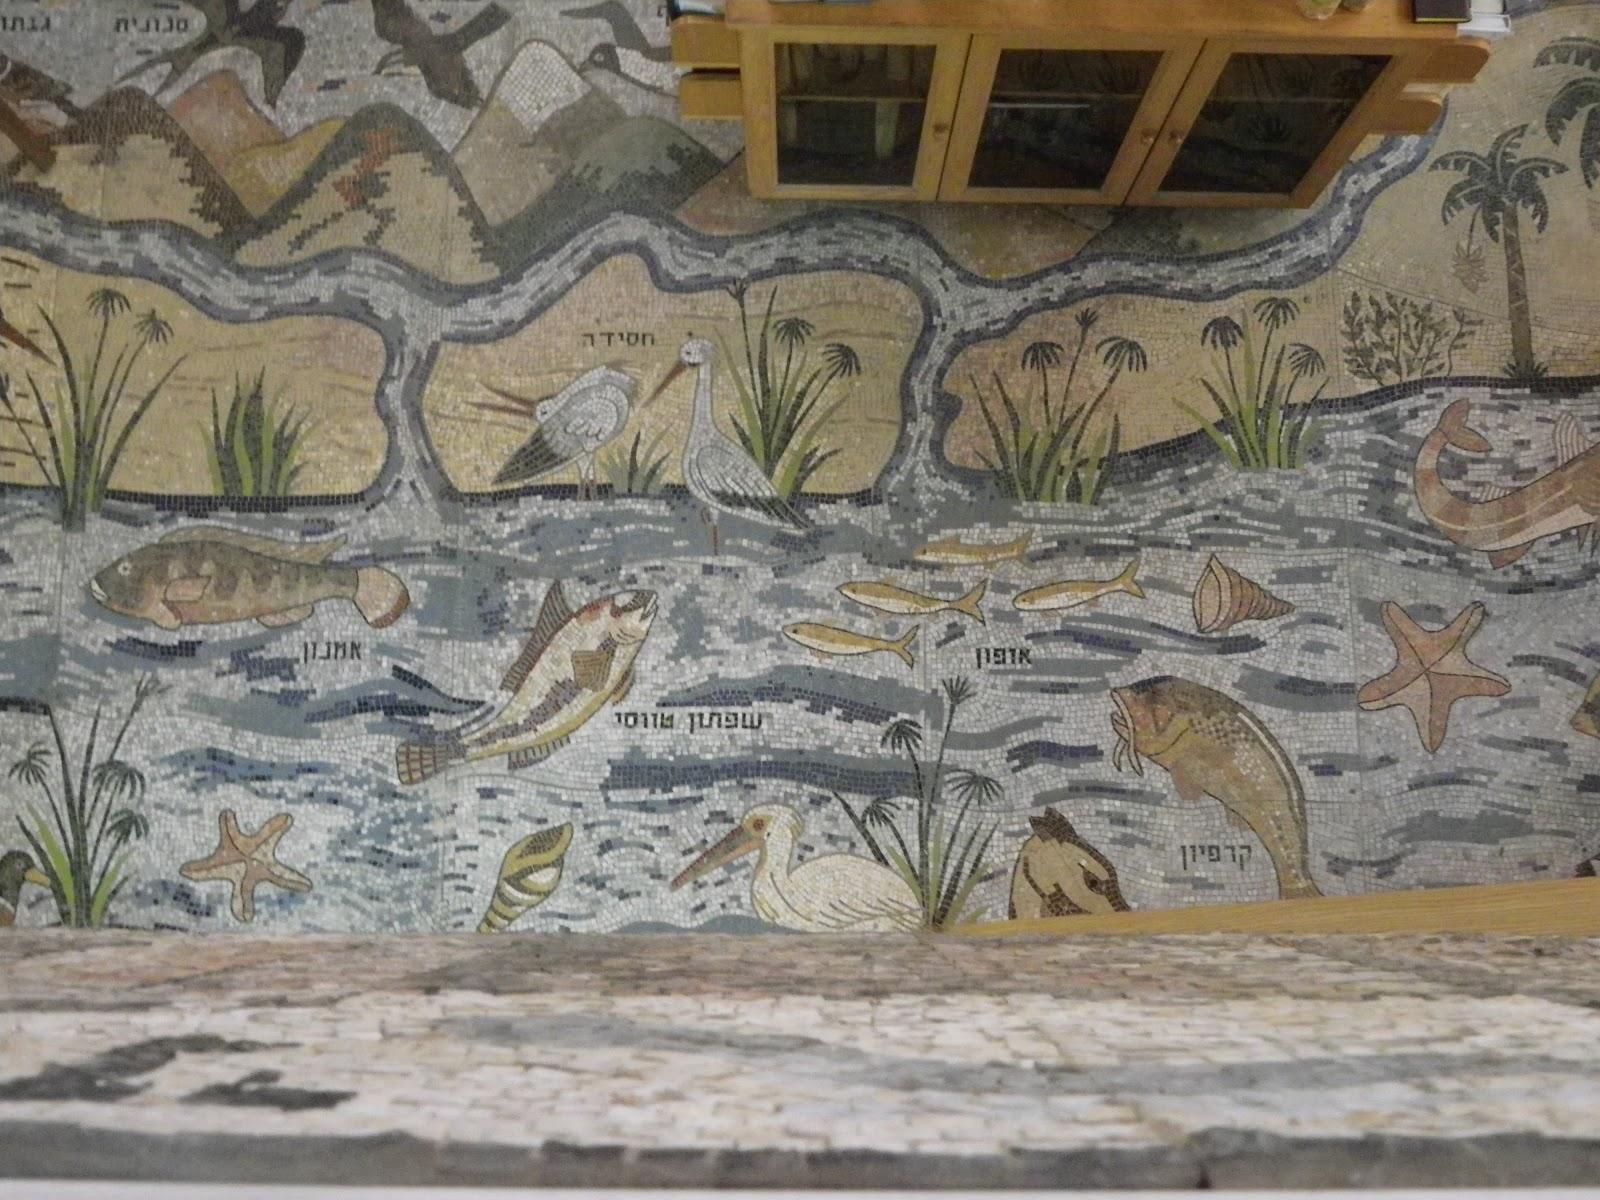 http://3.bp.blogspot.com/-hdKNVmNLEy0/T0HP1z2zqTI/AAAAAAAADIs/RkgEMcmvugg/s1600/mosaic+fish.JPG